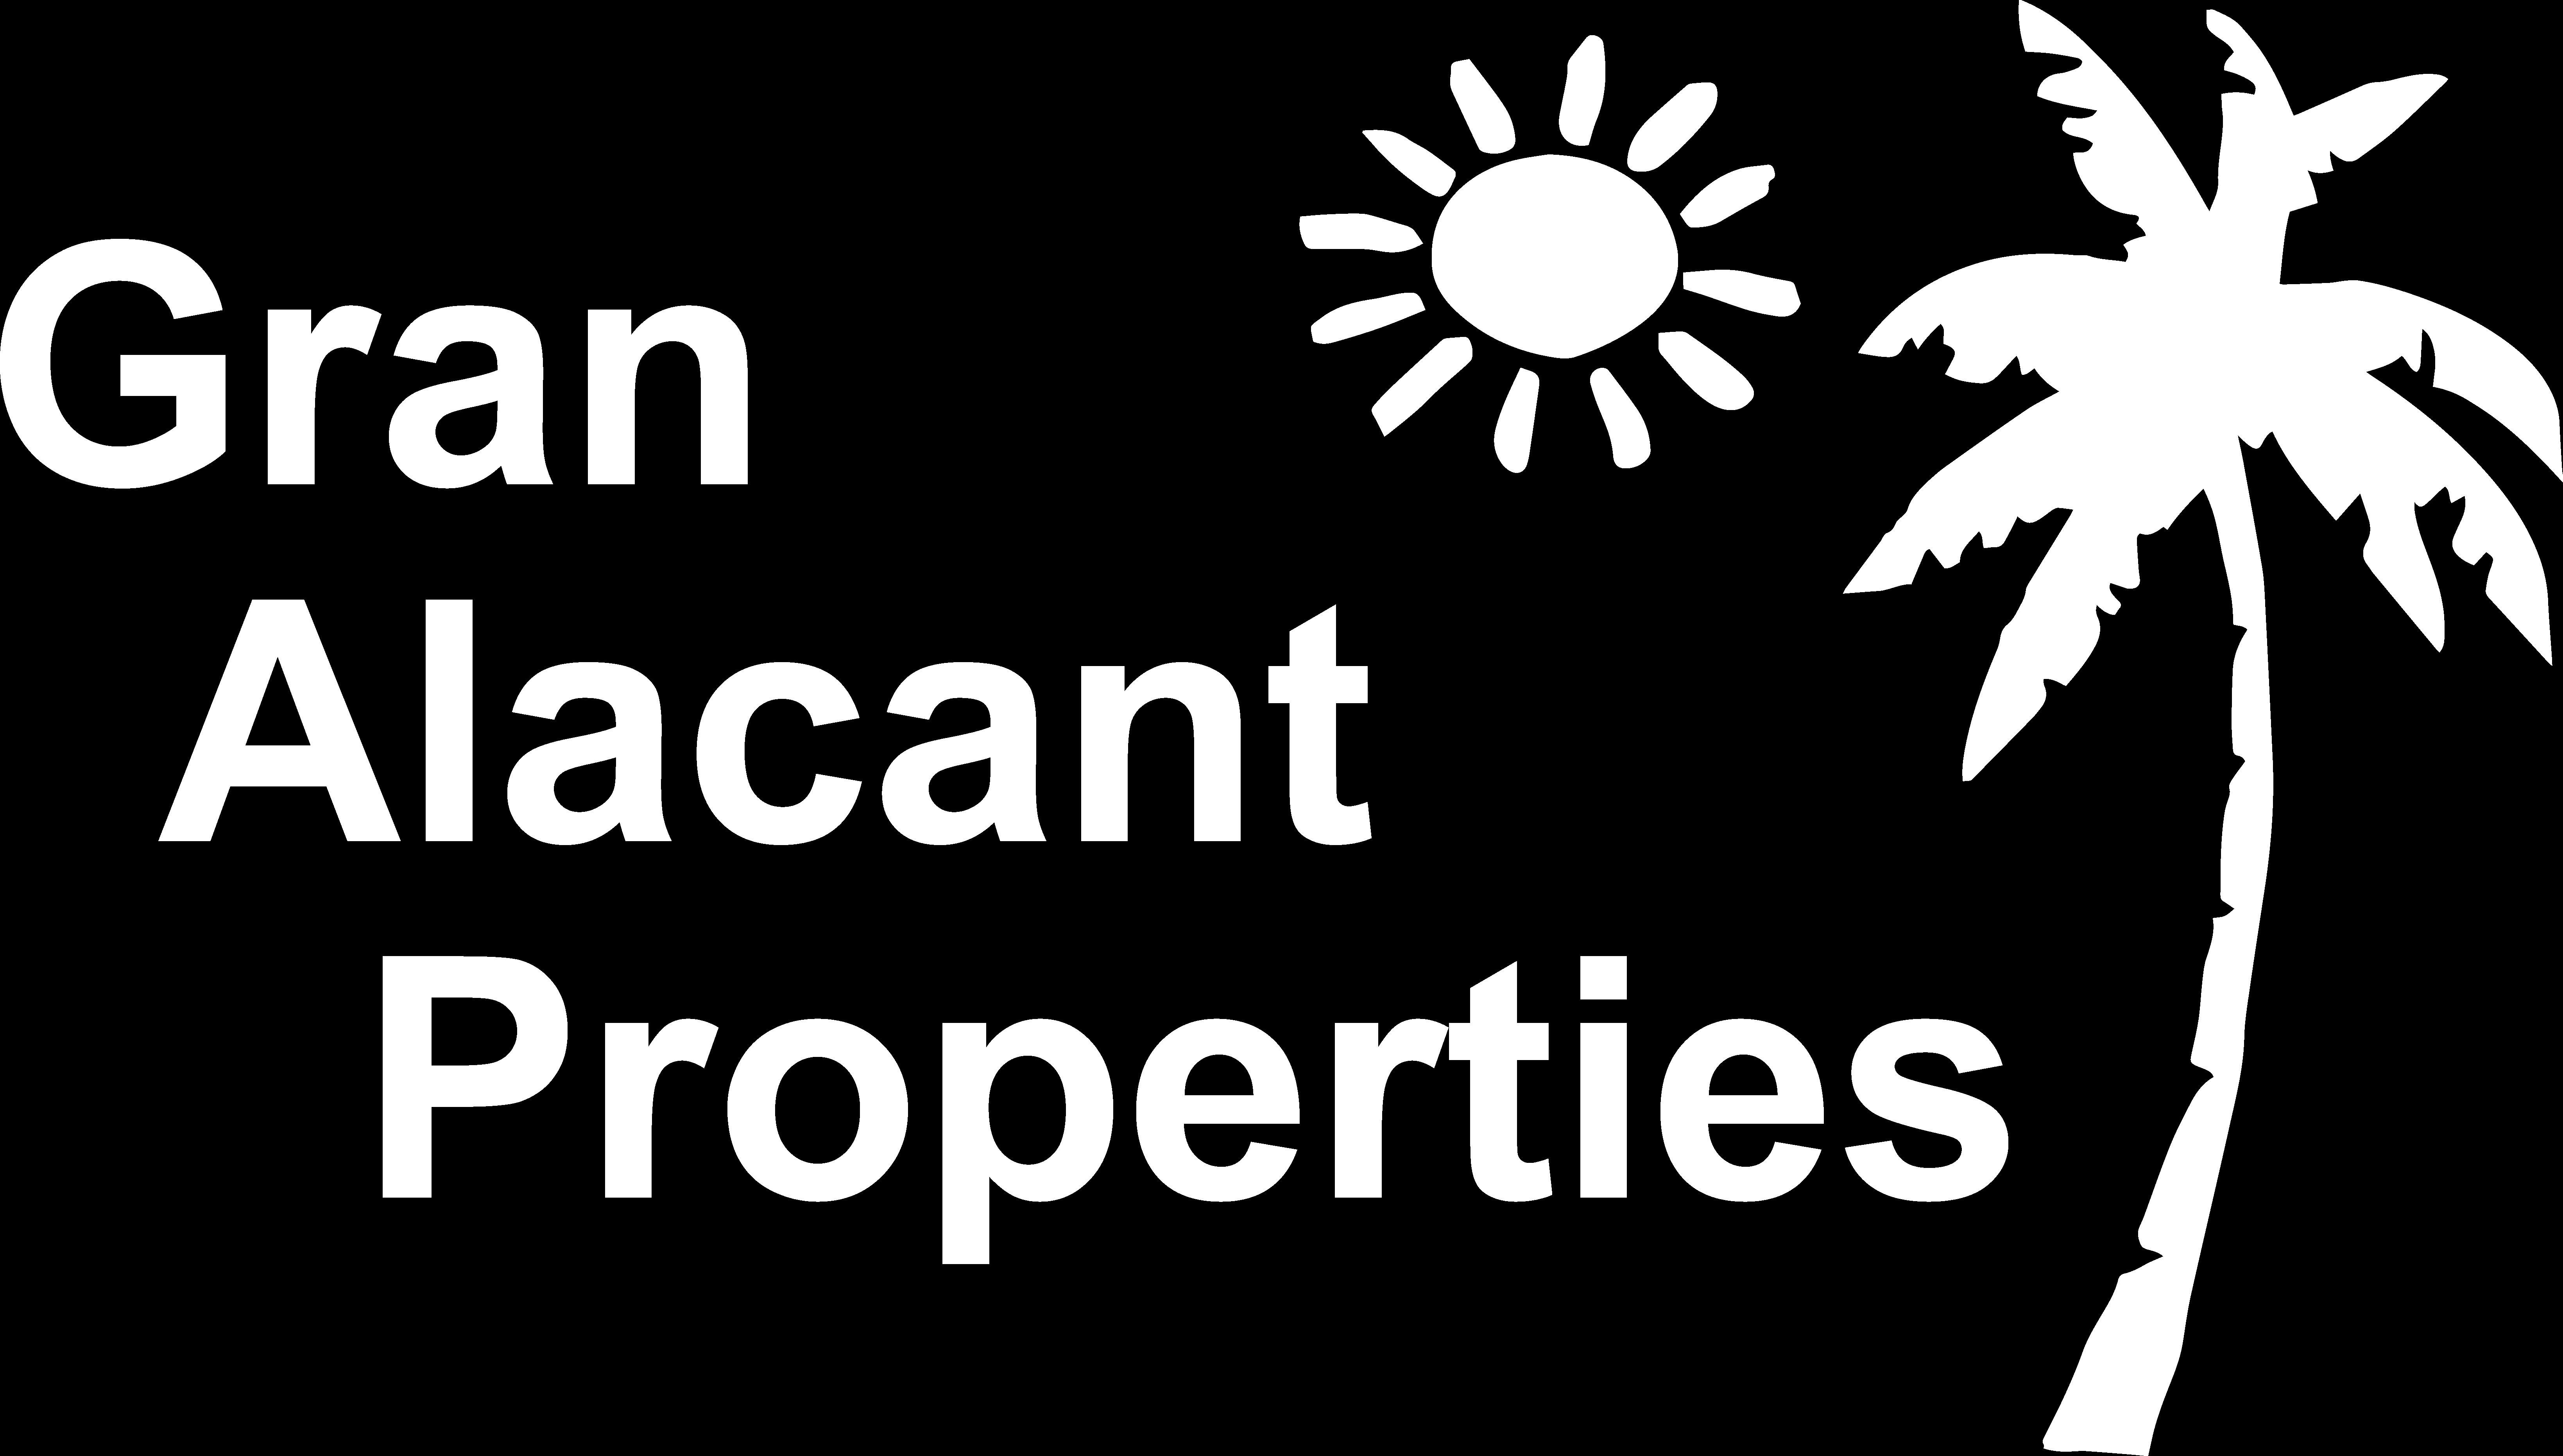 inmobiliaria Santa Pola